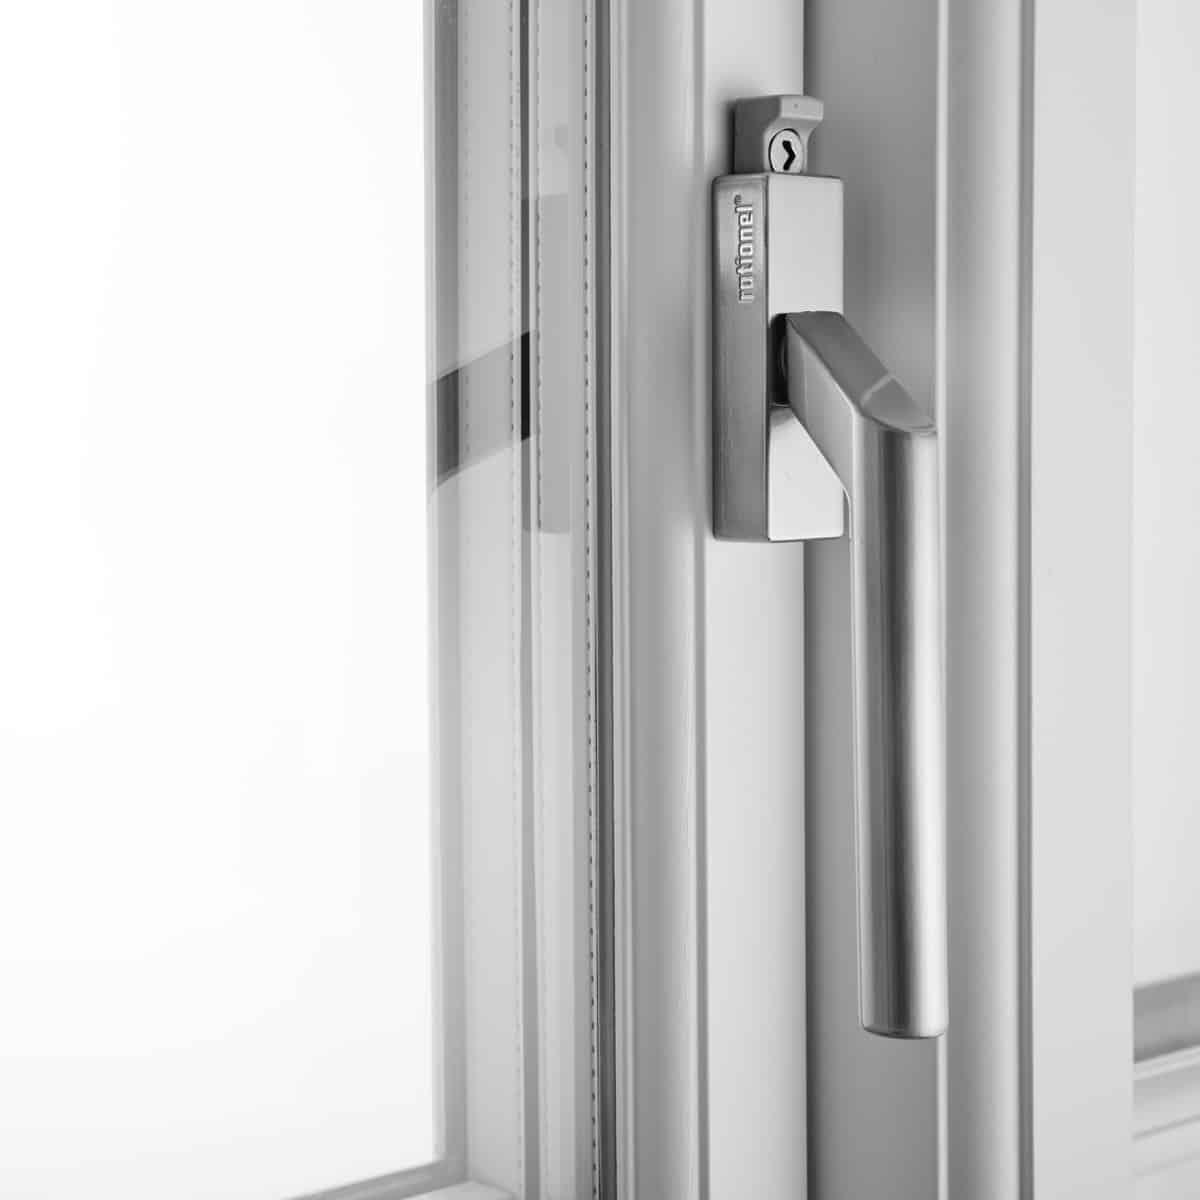 Fremragende Dørgreb og vinduesgreb: Greb til vinduer & udendørs døre | Rationel EZ95